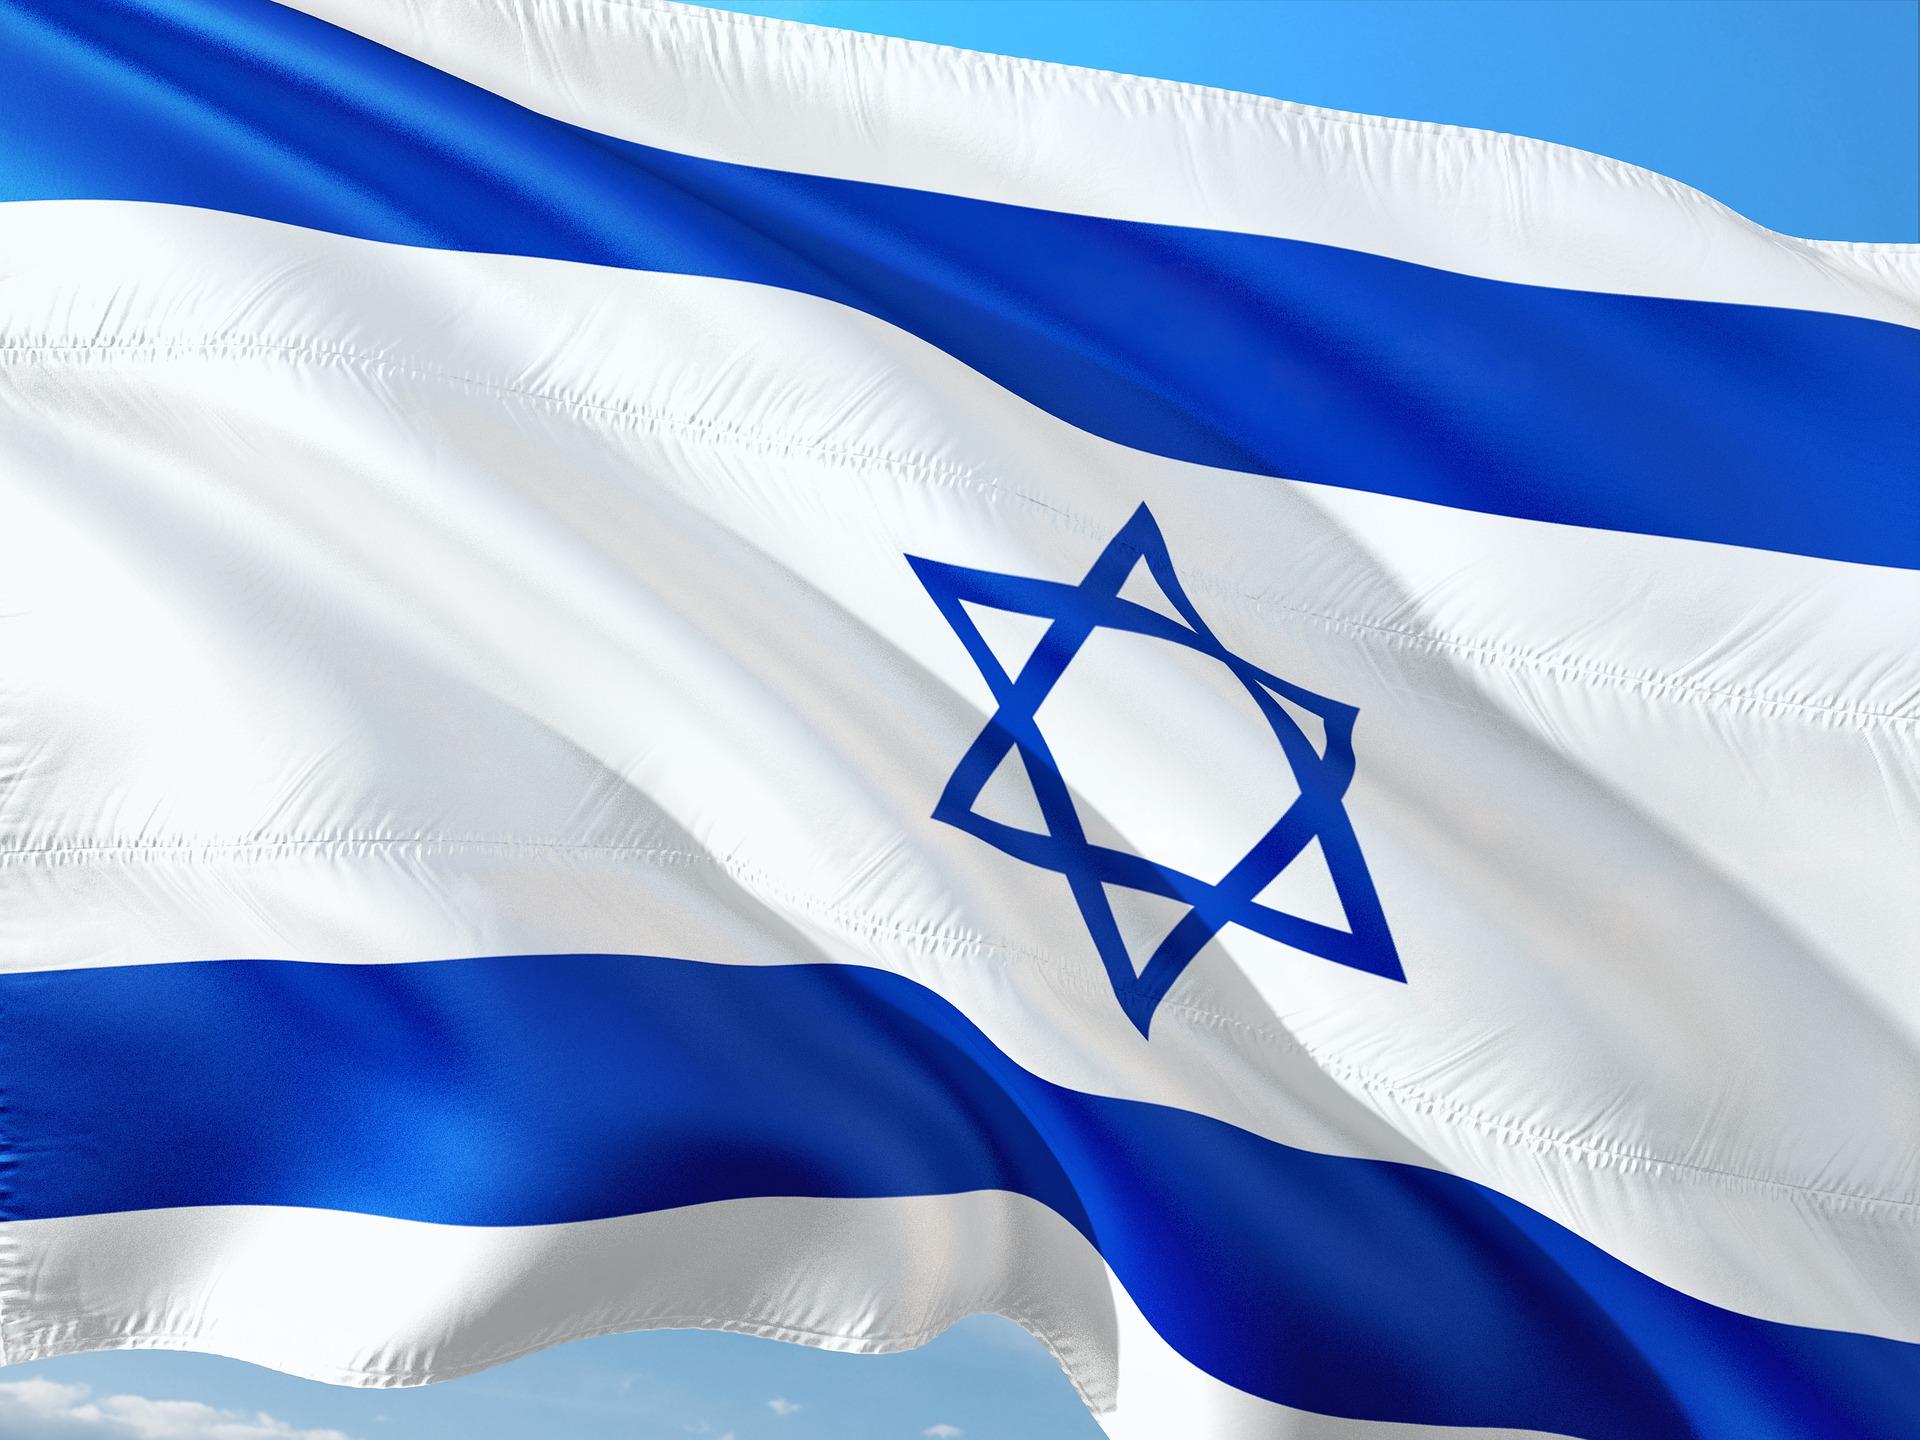 Relacja nowego szekla izraelskiego i polskiego złotego